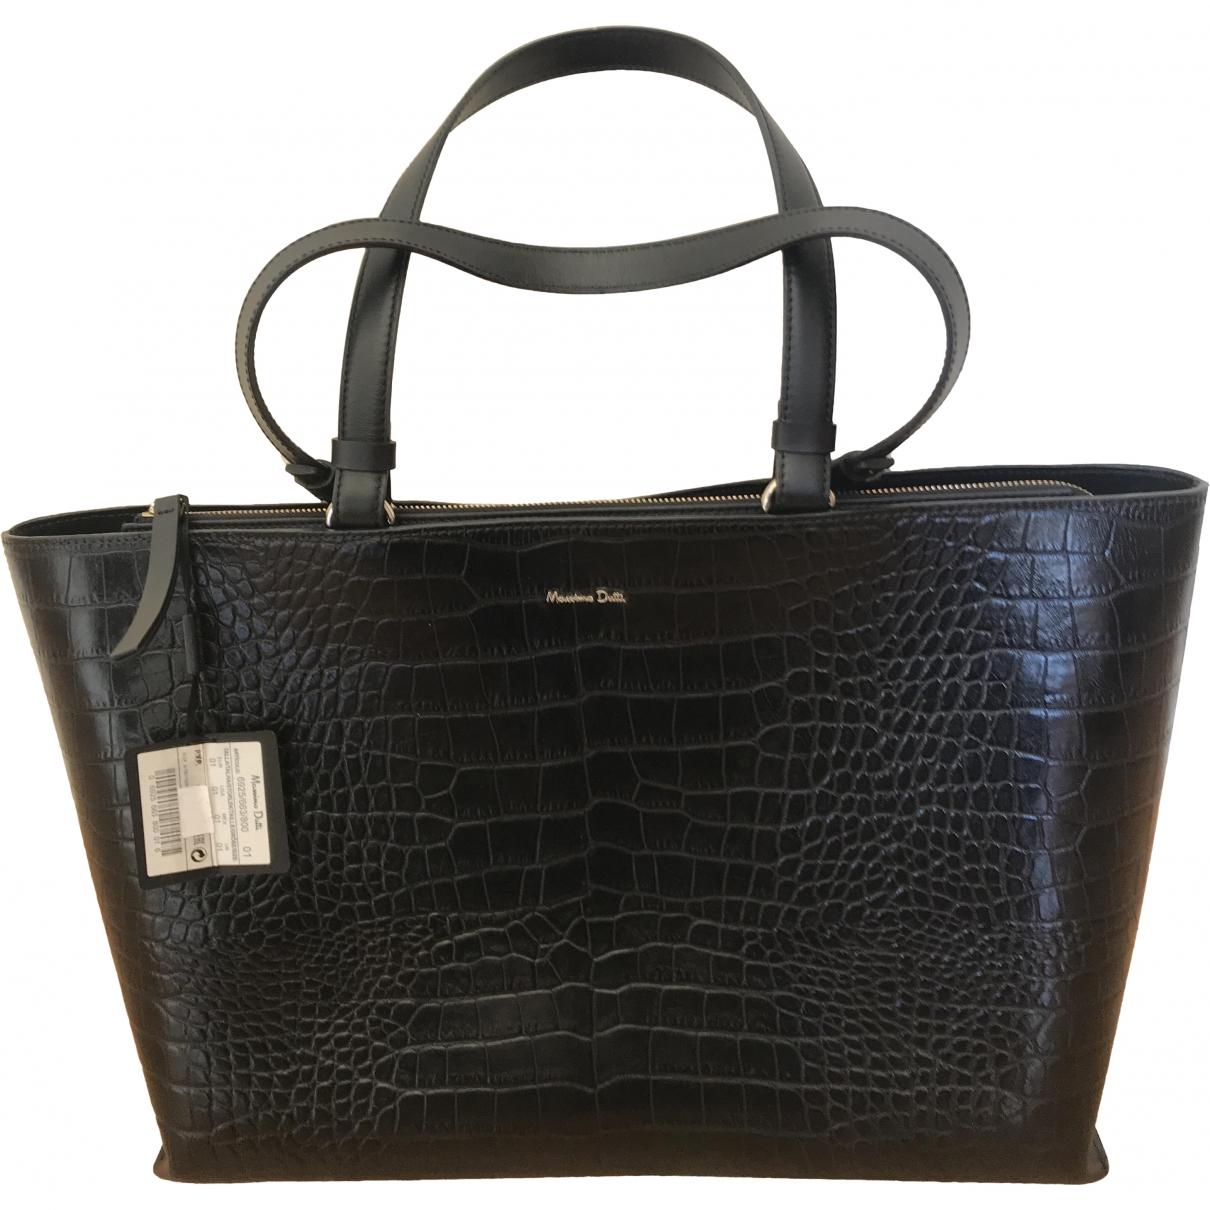 Massimo Dutti \N Black Leather handbag for Women \N